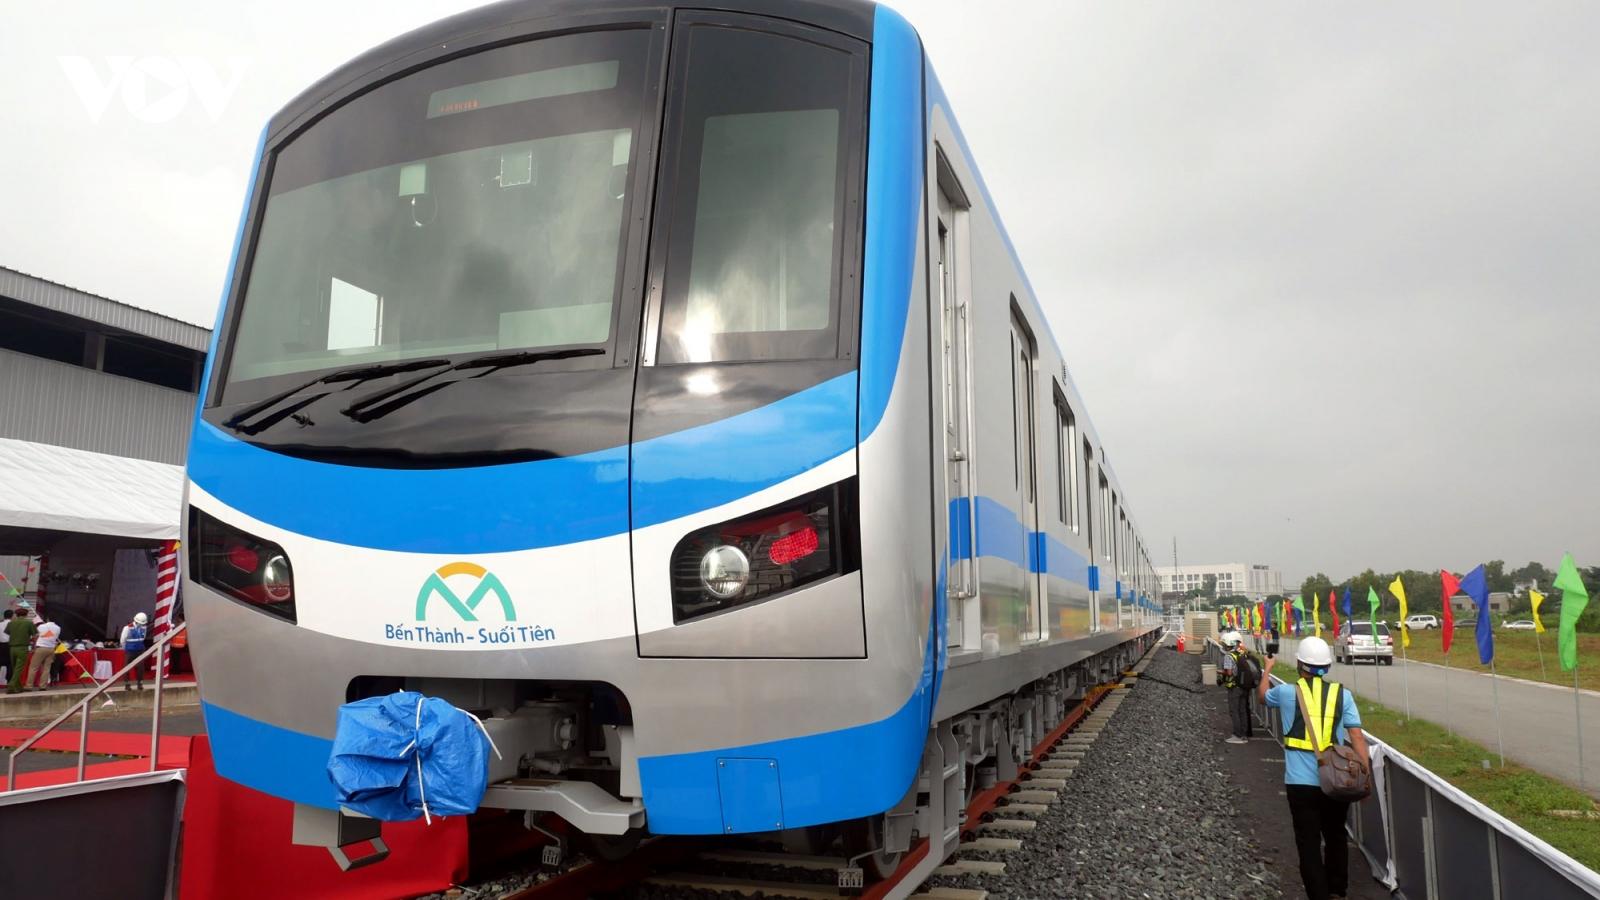 Tuyến Metro số 1 Bến Thành - Suối Tiên đón đoàn tàu đầu tiên